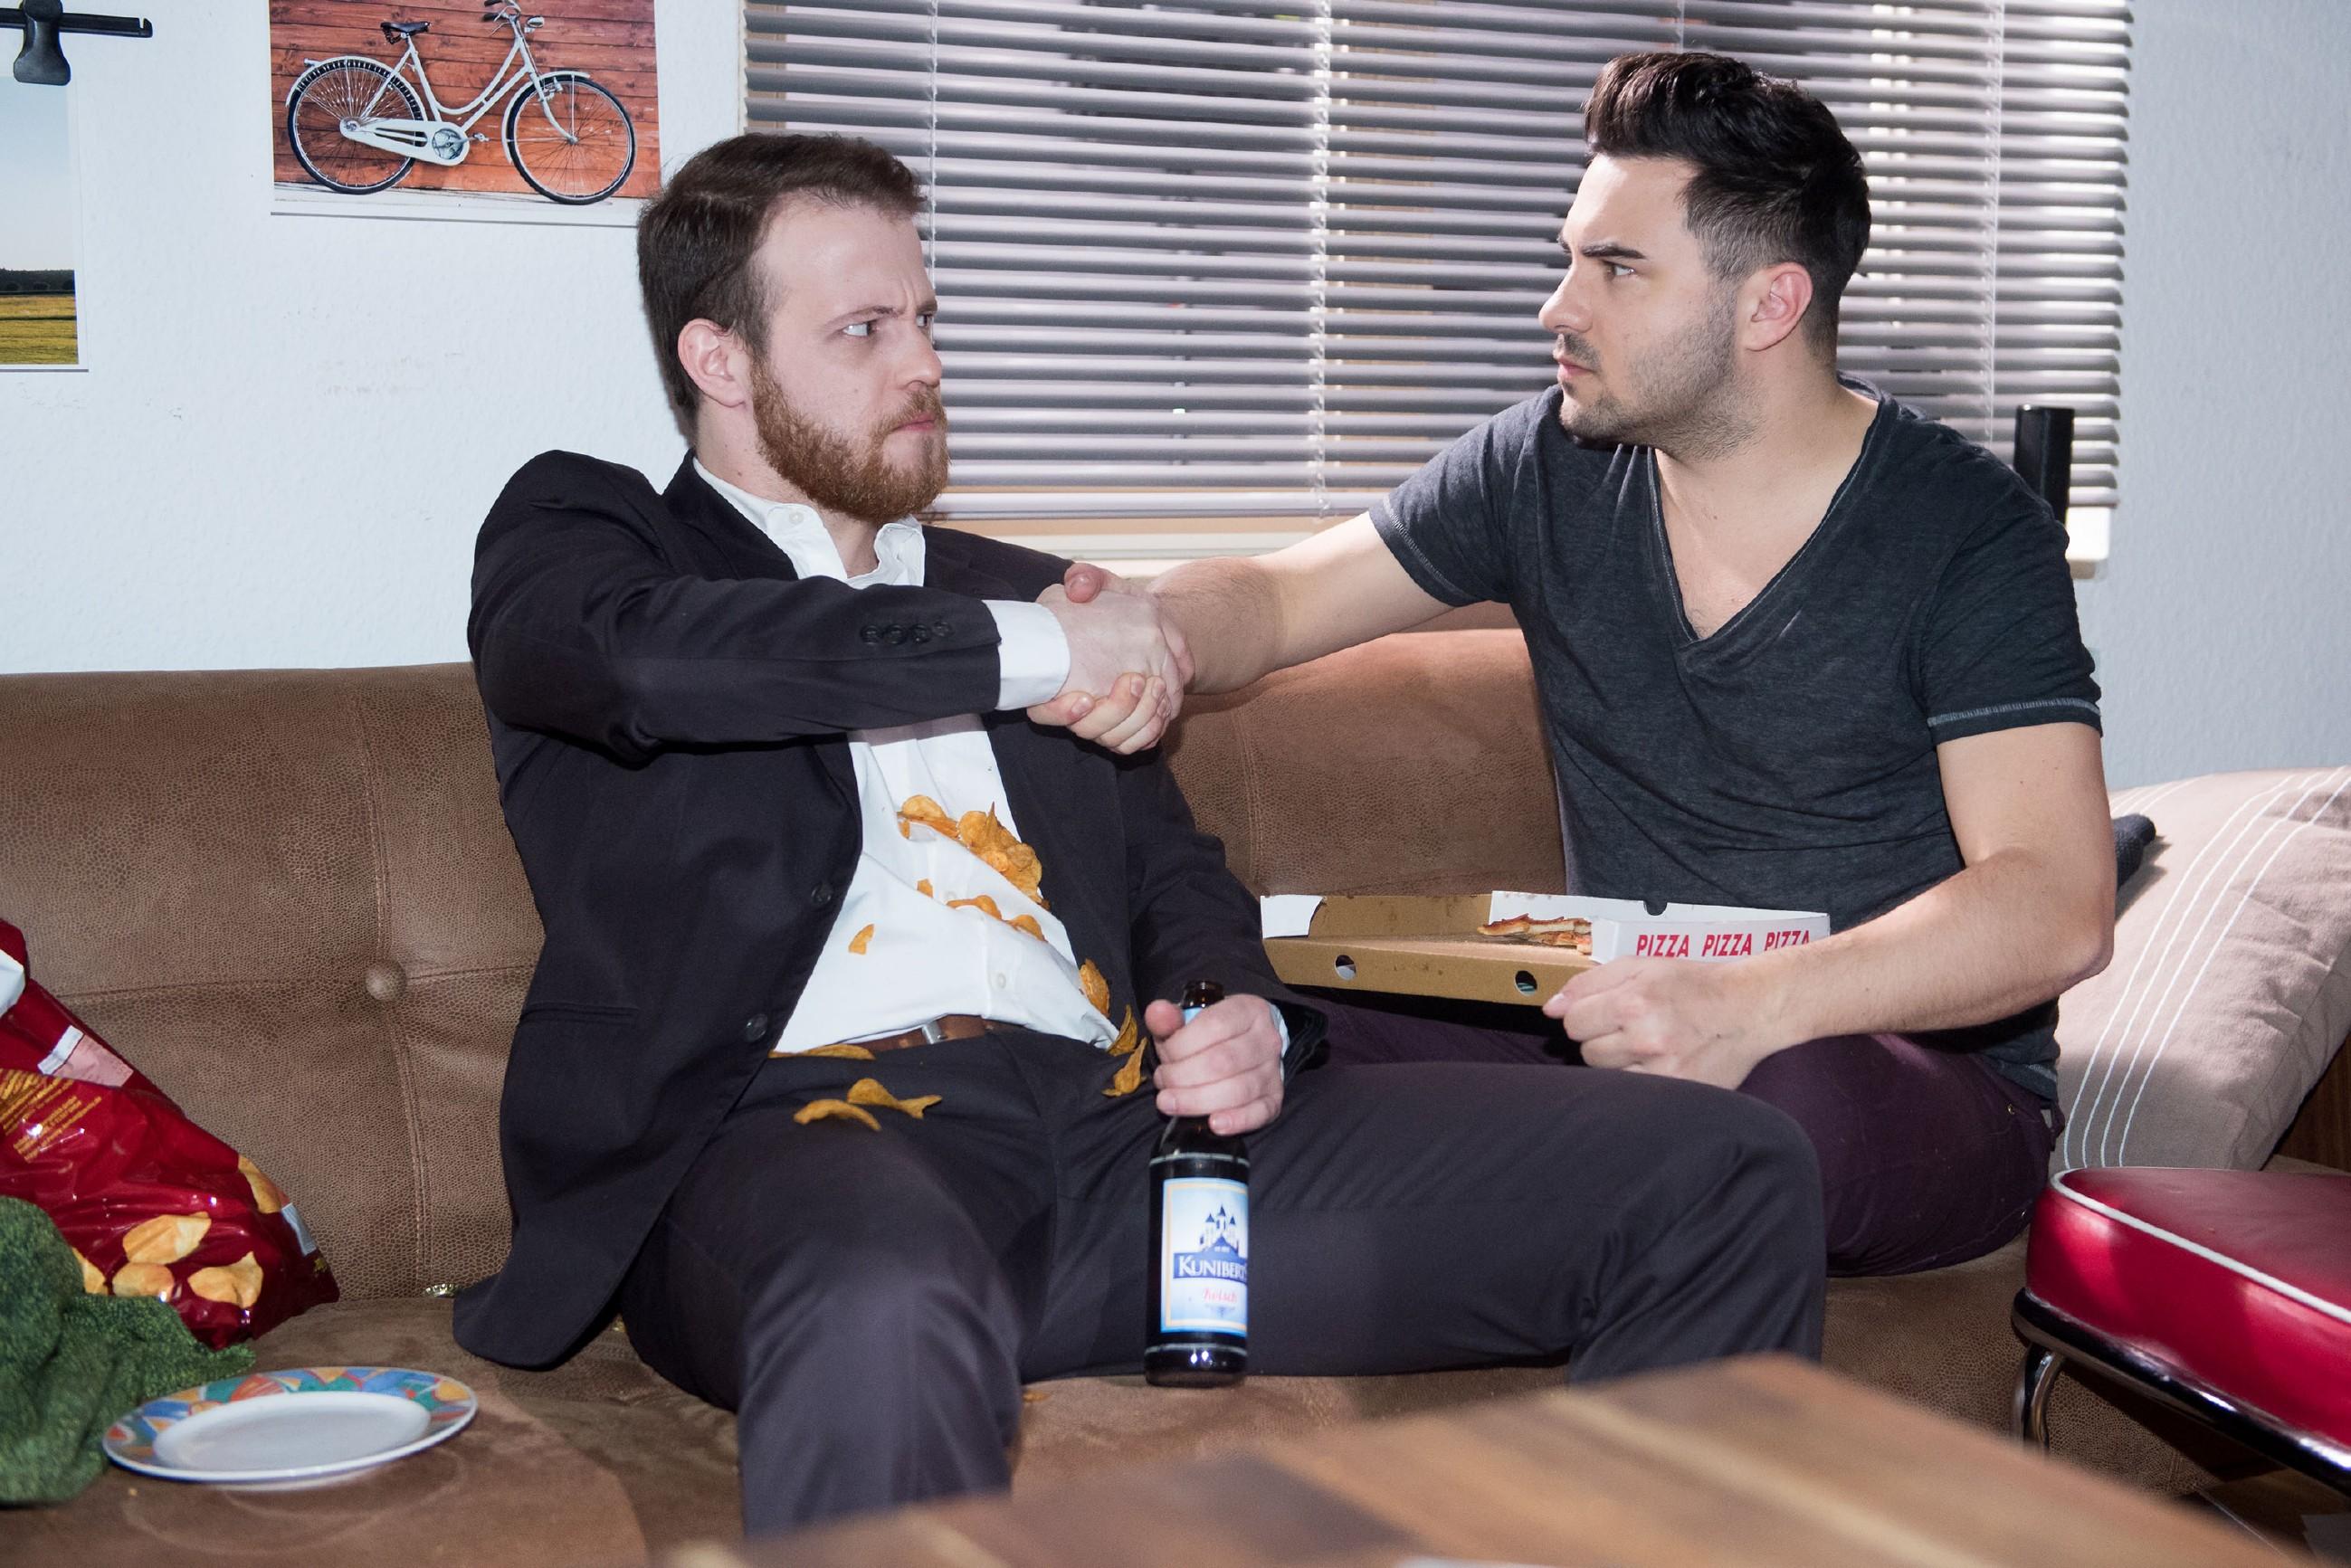 Als Tobias (Patrick Müller, l.) und Easy (Lars Steinhöfel) zur Entspannung eine Survival-Sendung im Fernsehen sehen, stacheln sie sich gegenseitig zu einer gewagten Wette an: Drei Wochen Wildnis! (Quelle: RTL / Stefan Behrens)